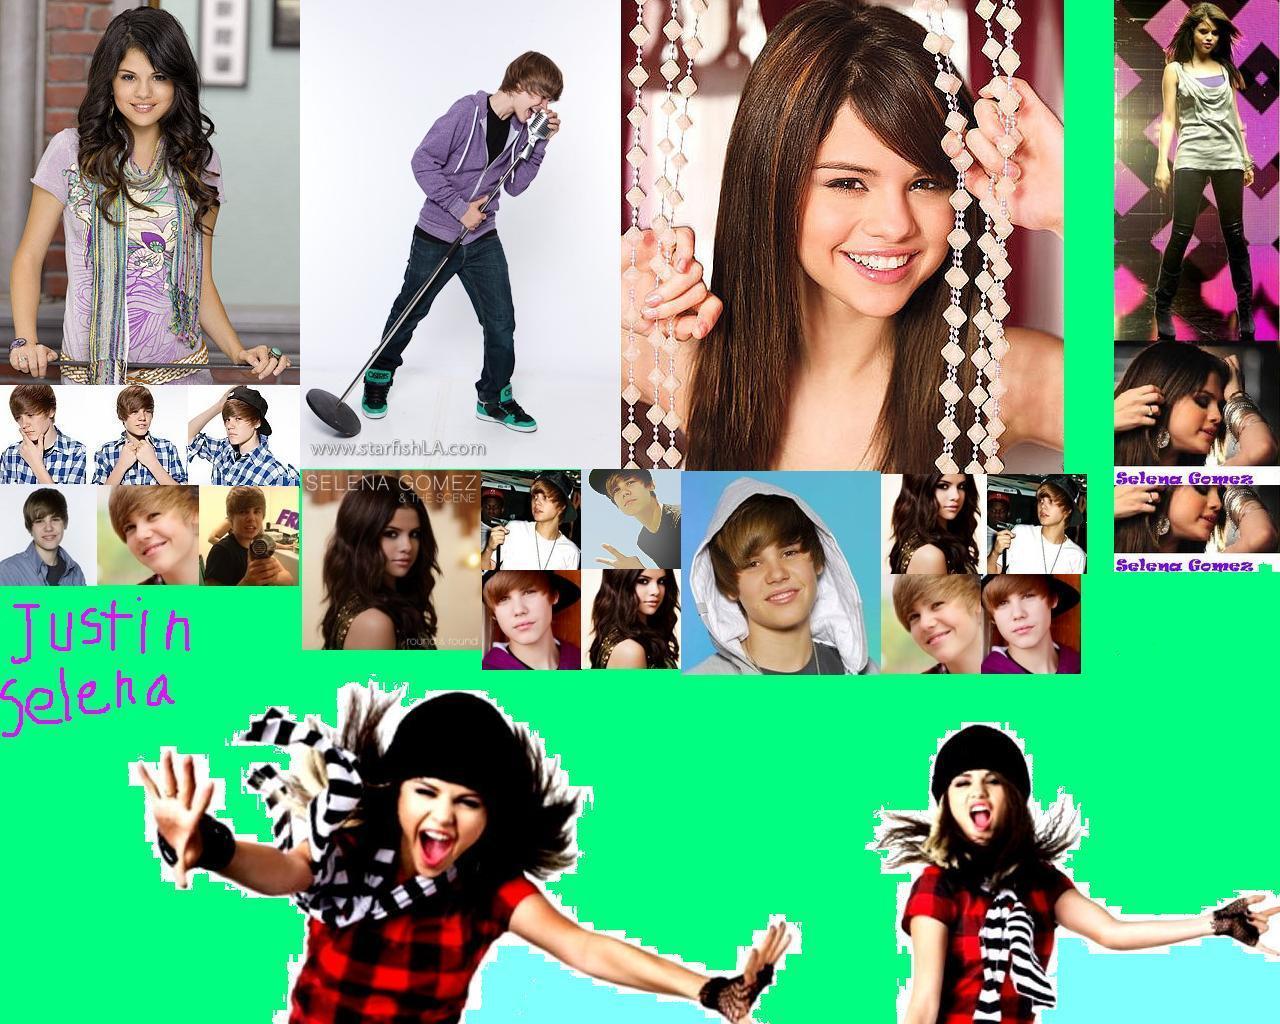 http://1.bp.blogspot.com/-xuf9k-FV260/Ti9cwe4yX7I/AAAAAAAAApU/jAEsWOb2iS8/s1600/Justin-Bieber-and-Selena-Gomez.jpg